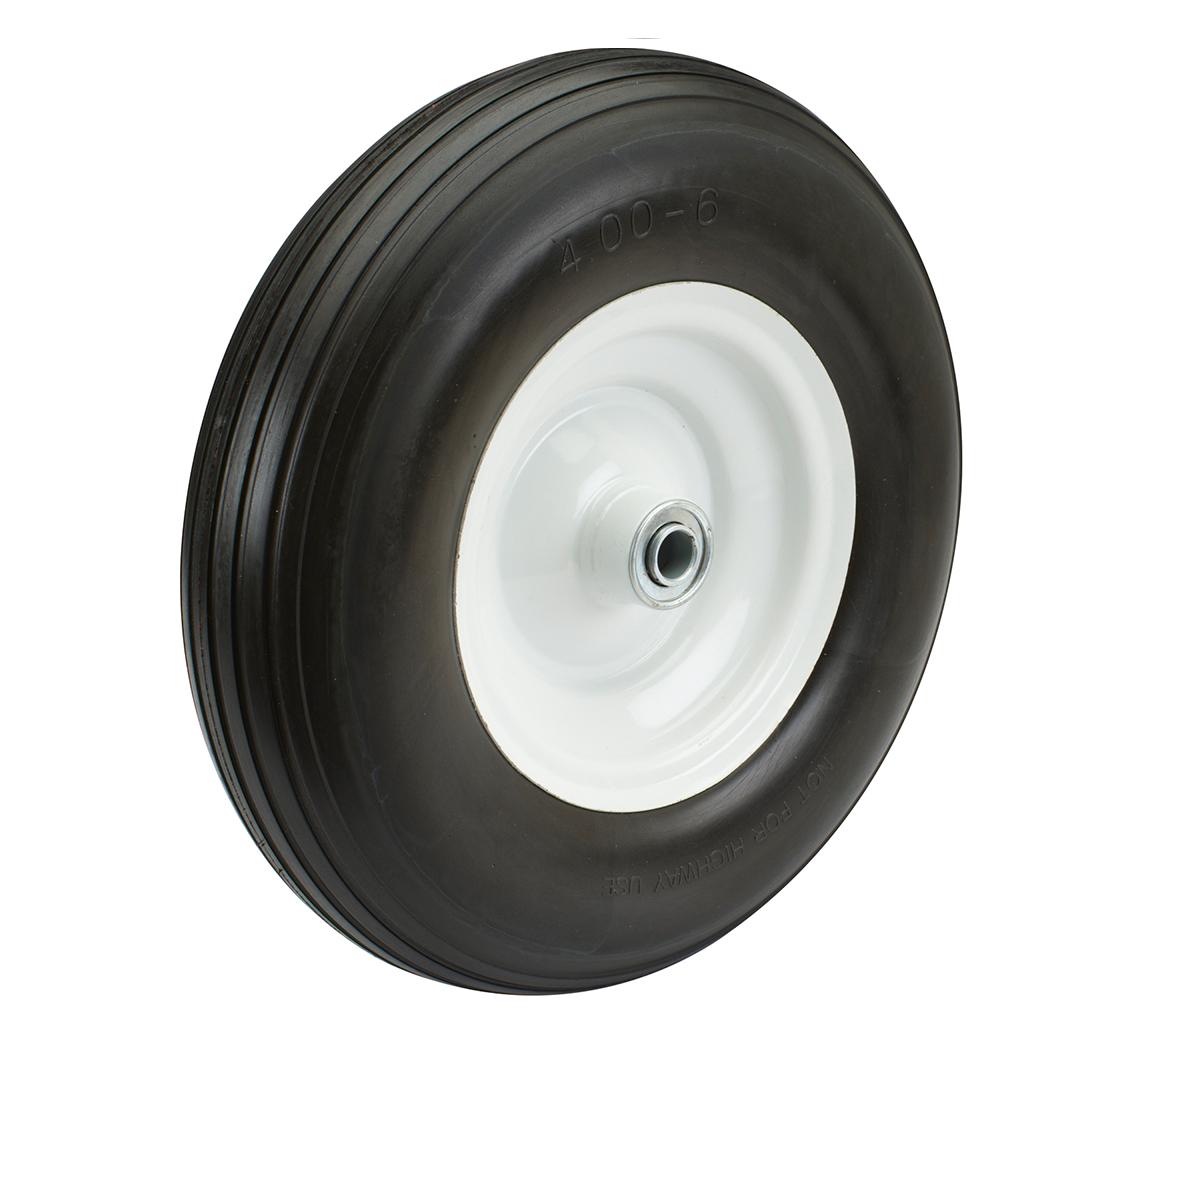 13 in. Flat-free Heavy Duty Tire with Steel Hub